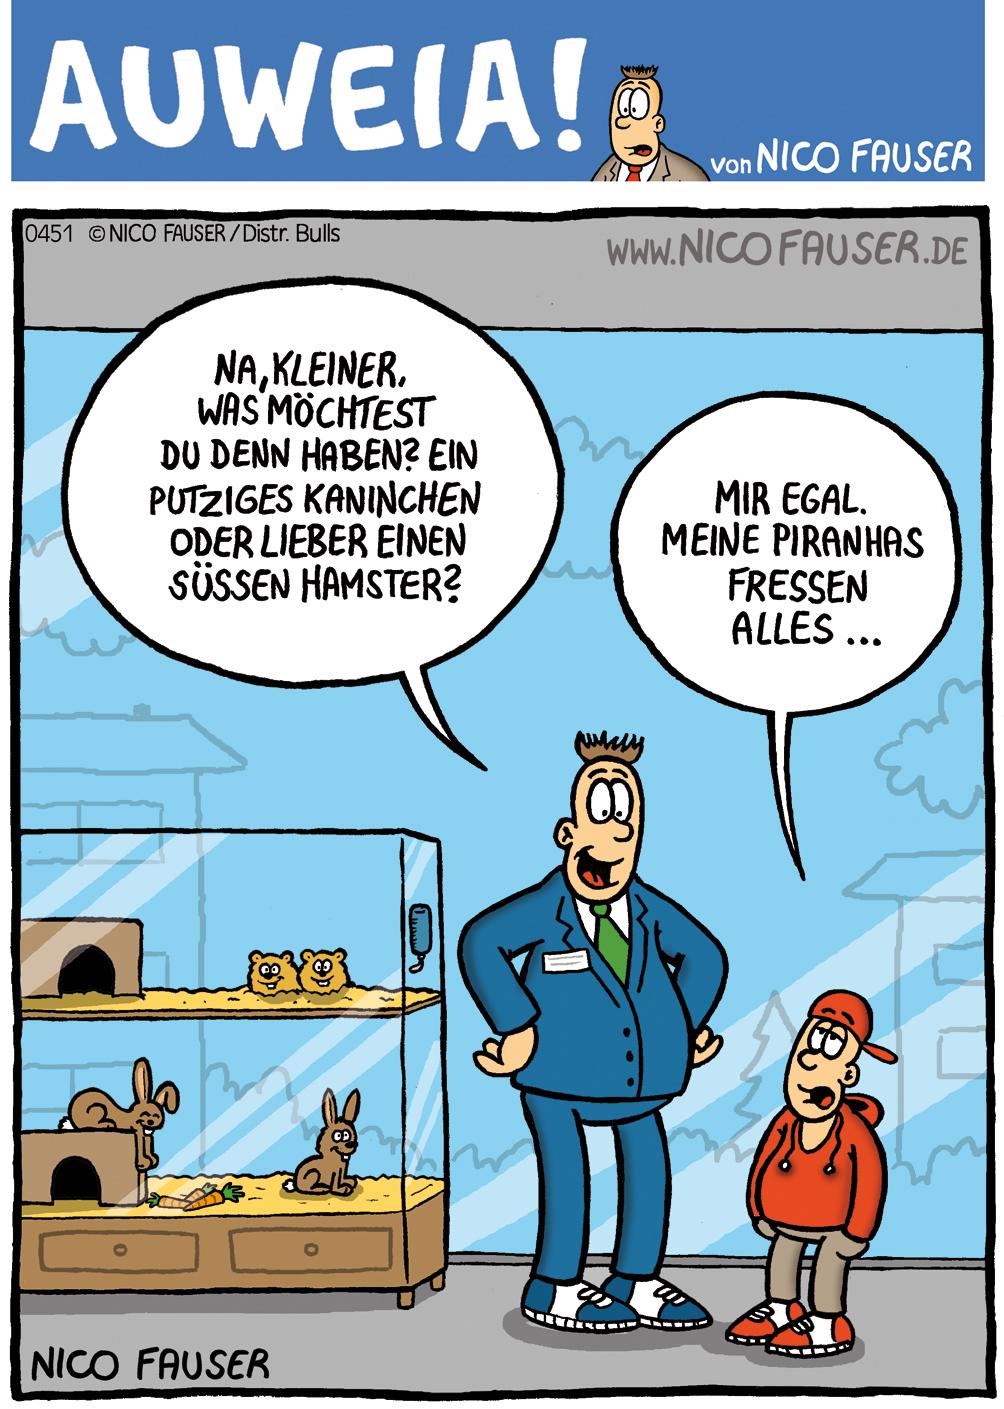 Auweia_0451 Zoohandlung F